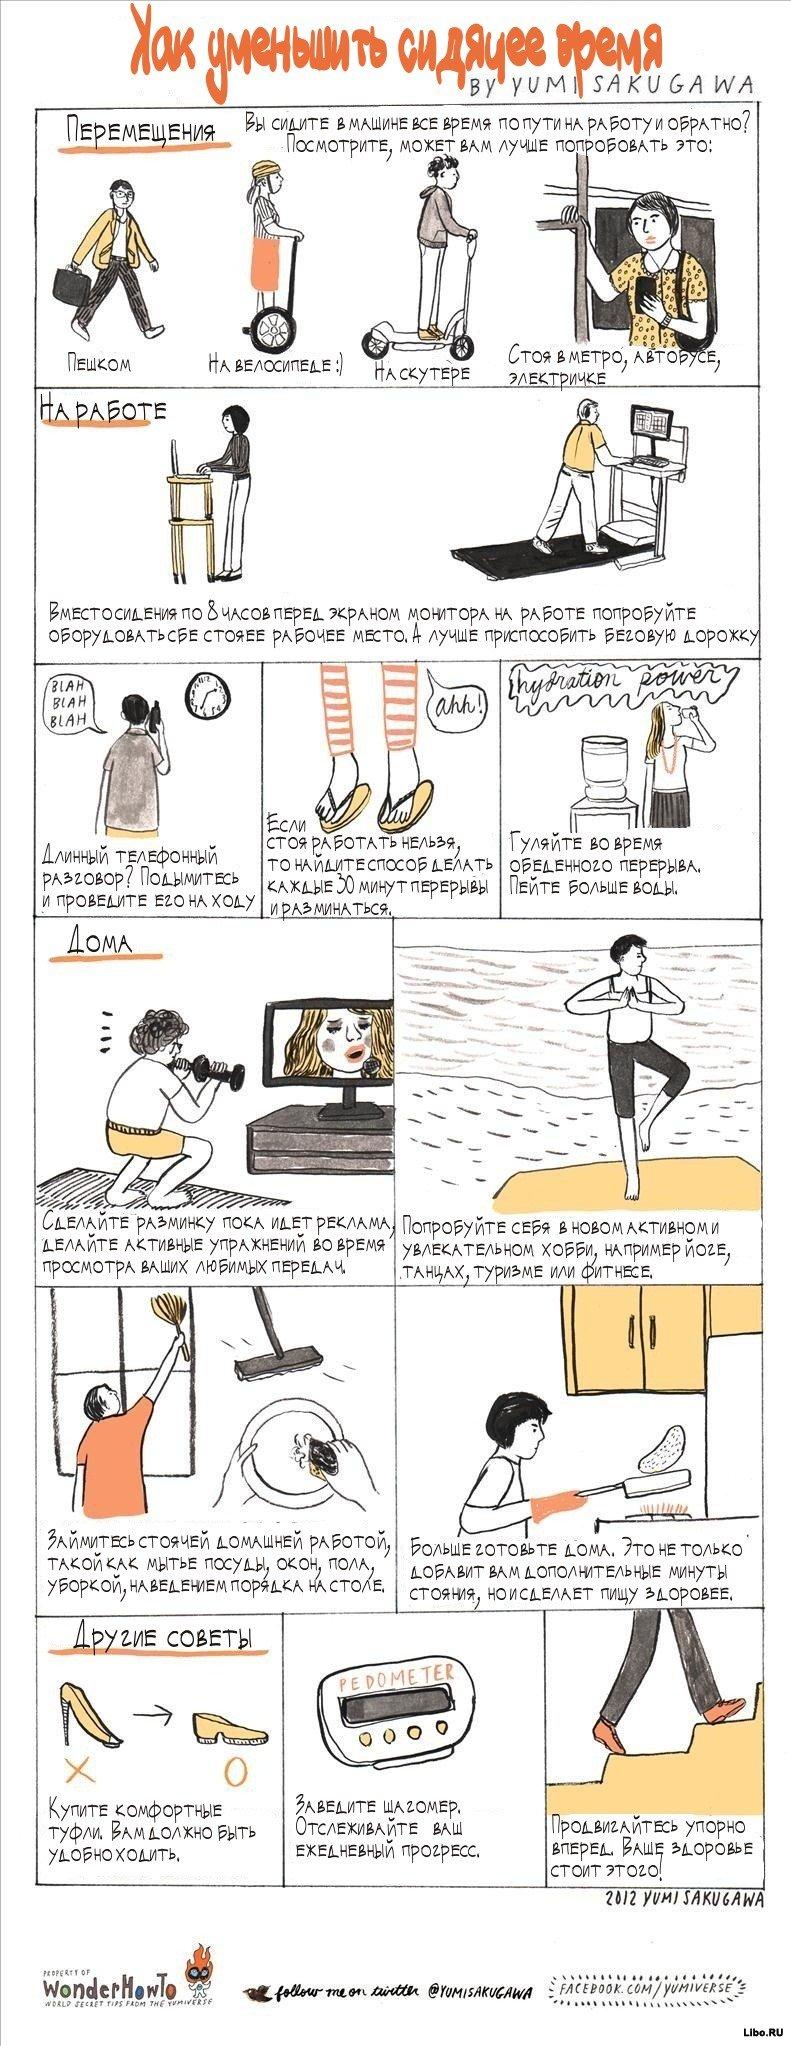 Как уменьшить свое сидячее время